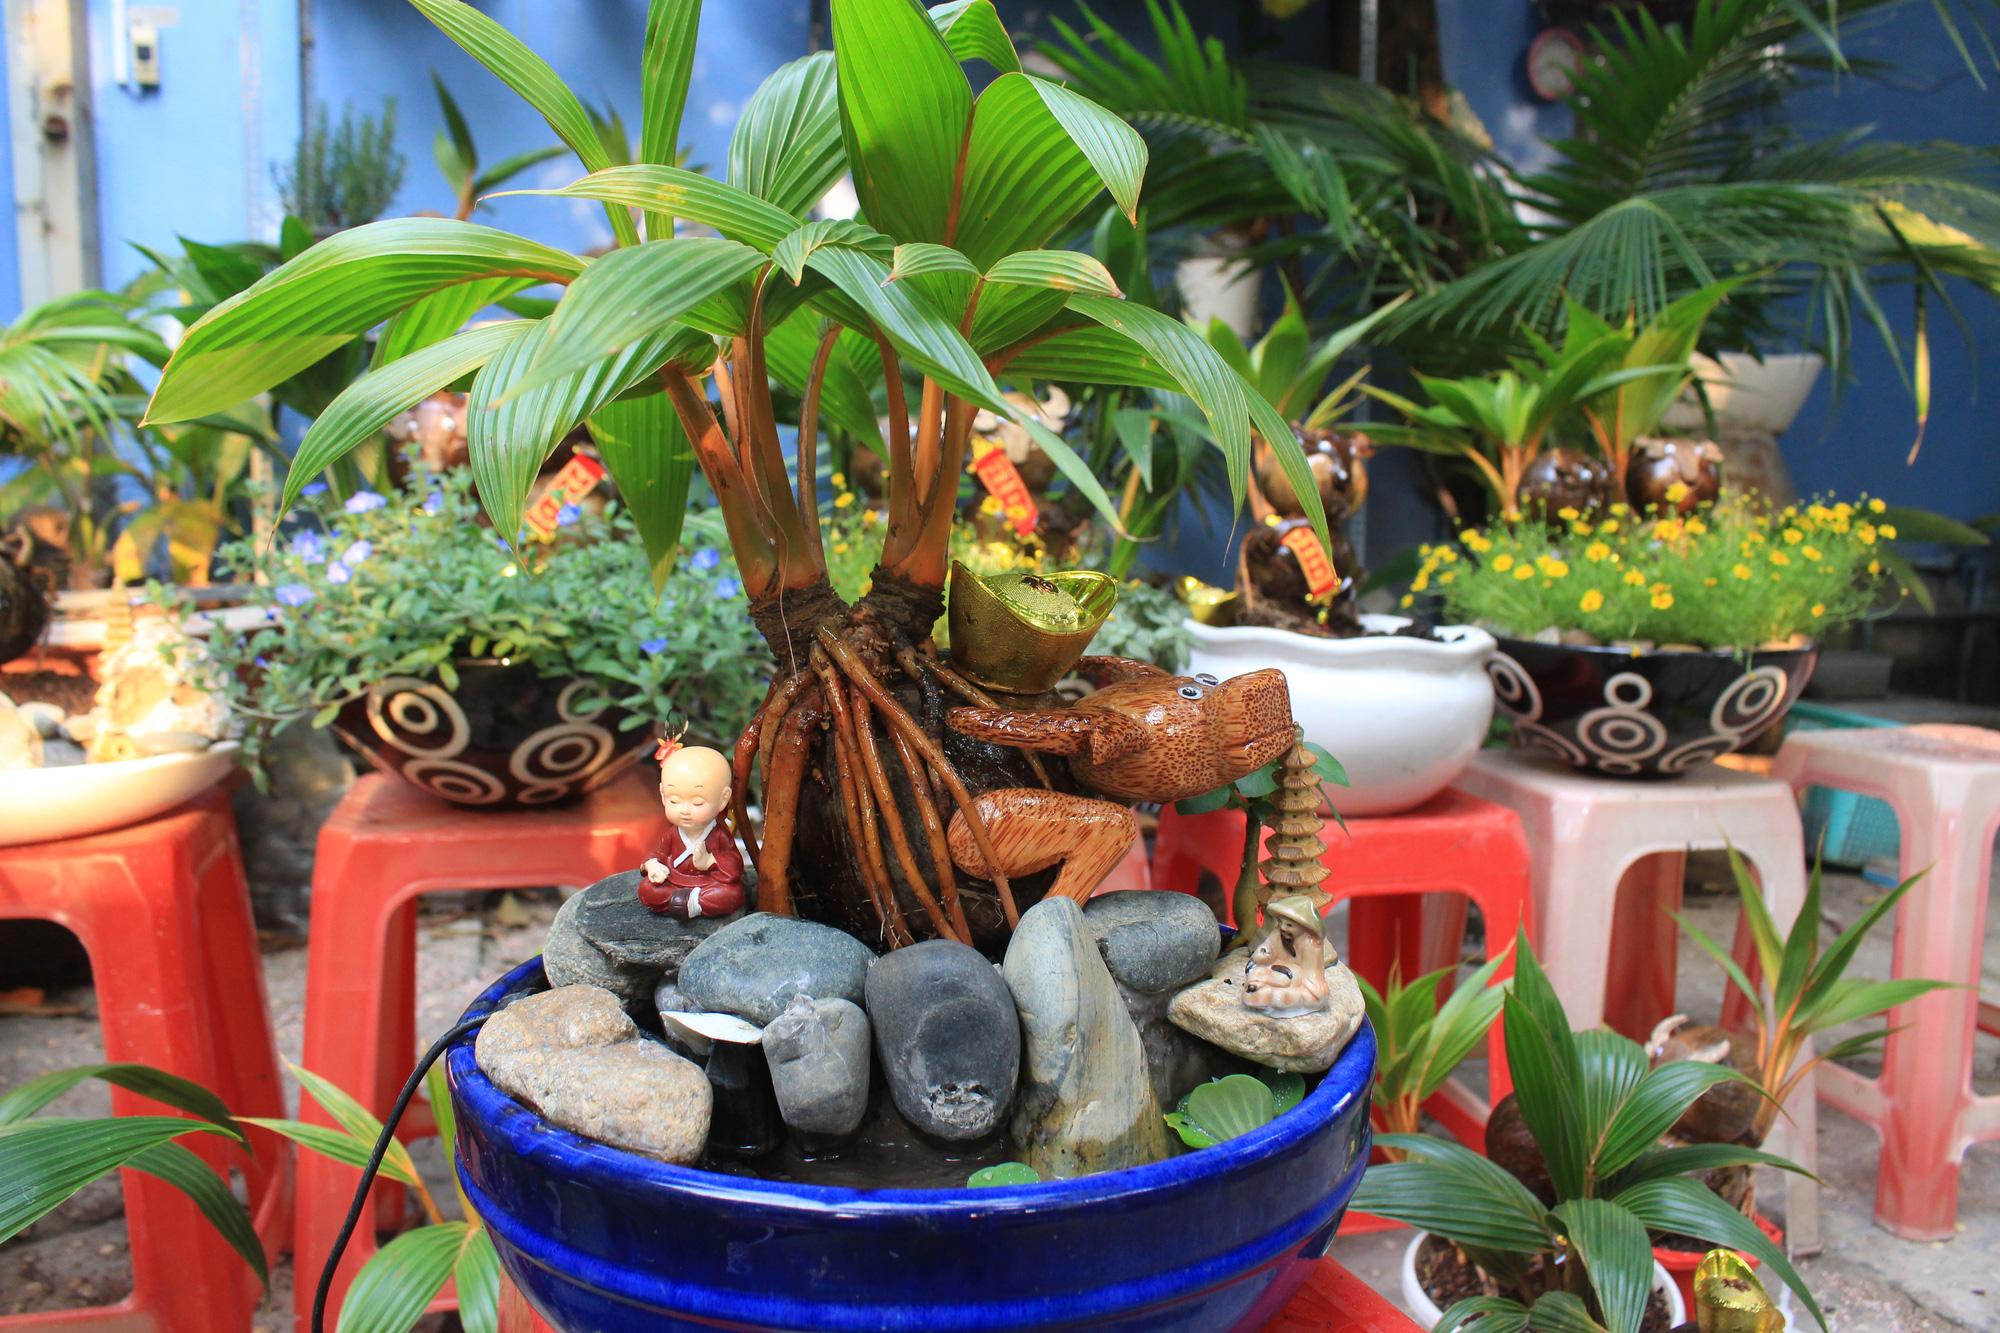 Độc đáo dừa khô bonsai hình trâu chơi Tết tiền triệu ở Sài Gòn - Ảnh 2.